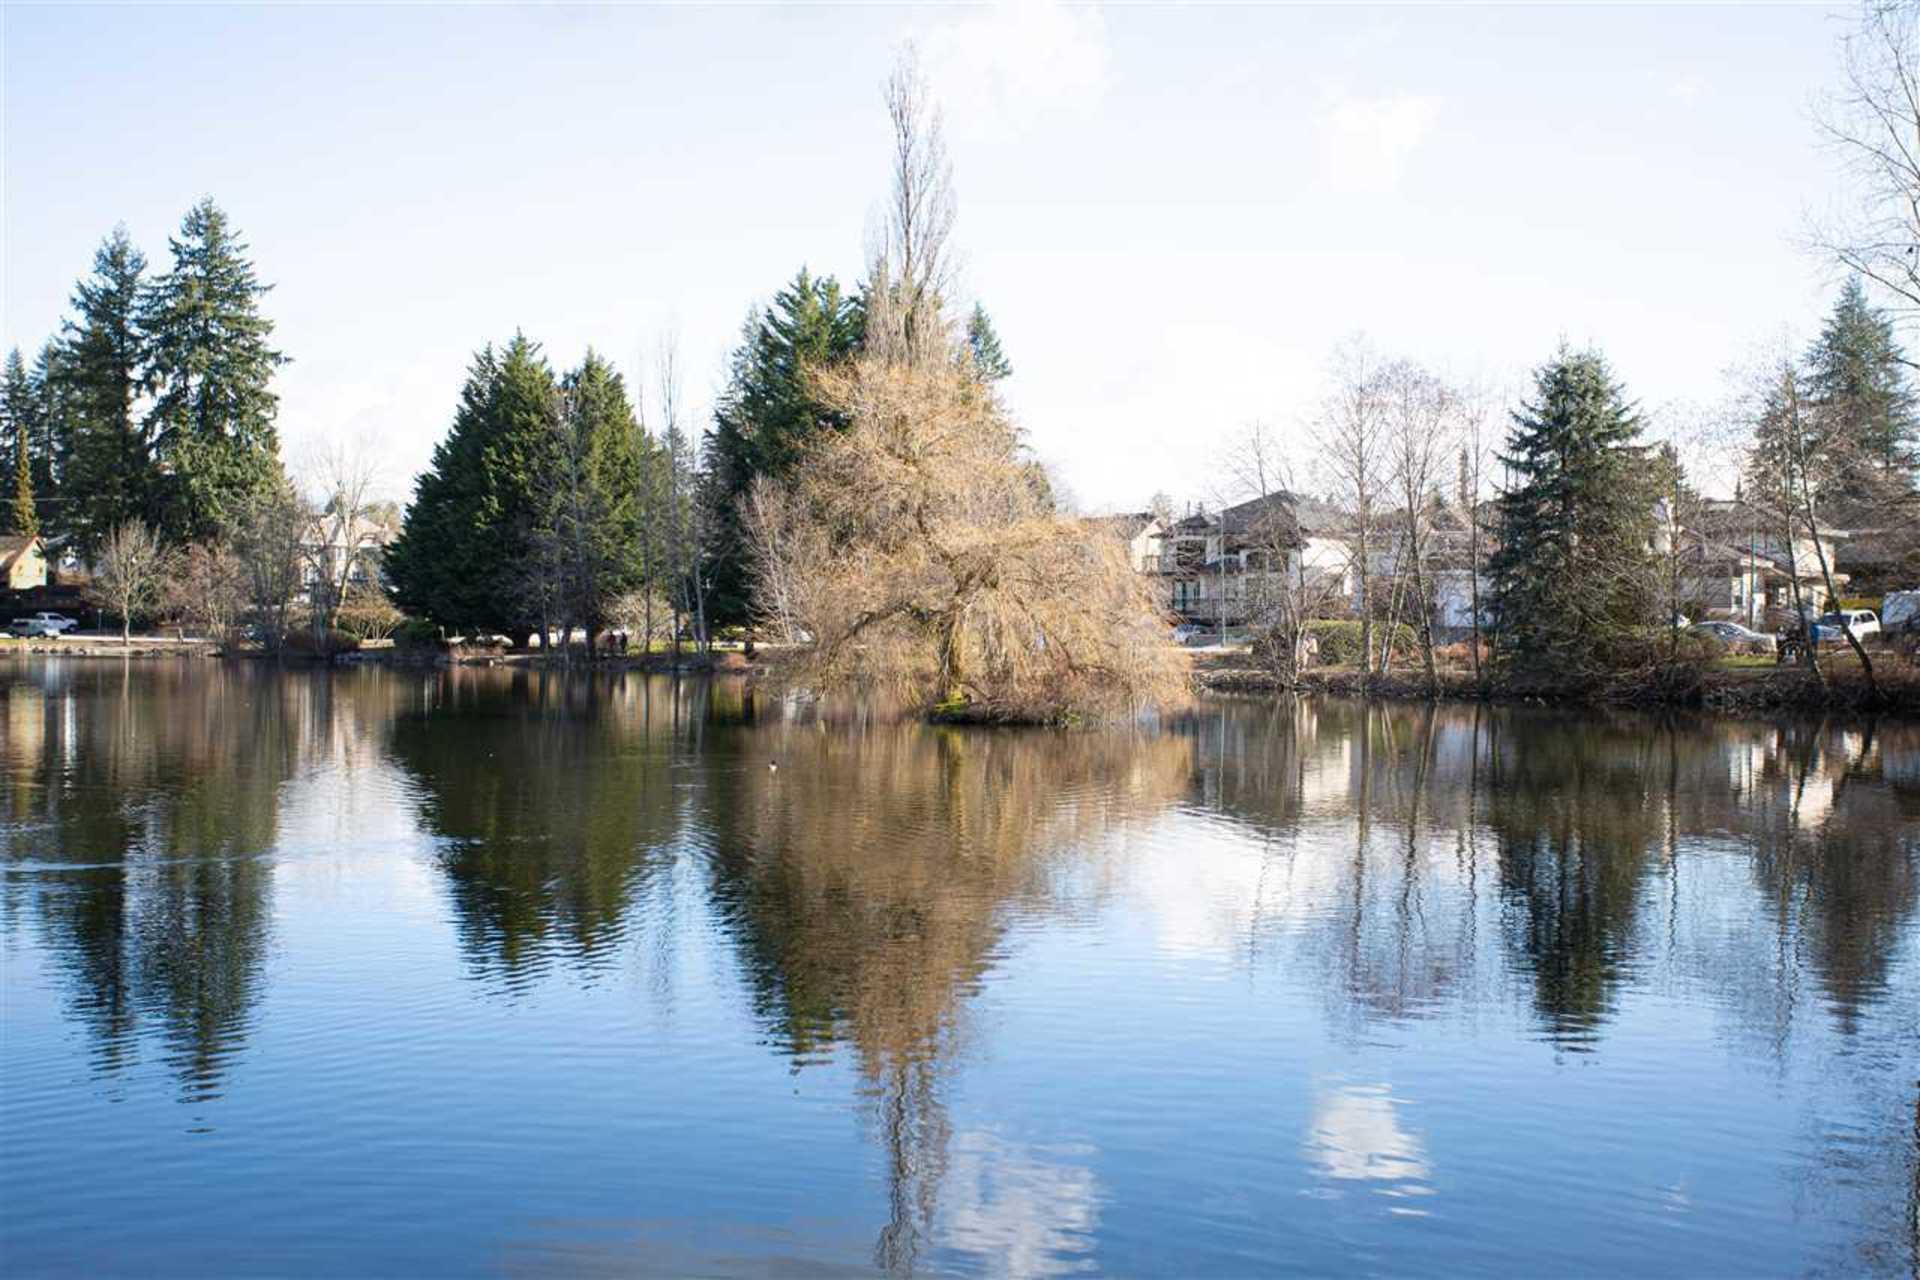 1200-cottonwood-avenue-central-coquitlam-coquitlam-18 at 1200 Cottonwood Avenue, Central Coquitlam, Coquitlam